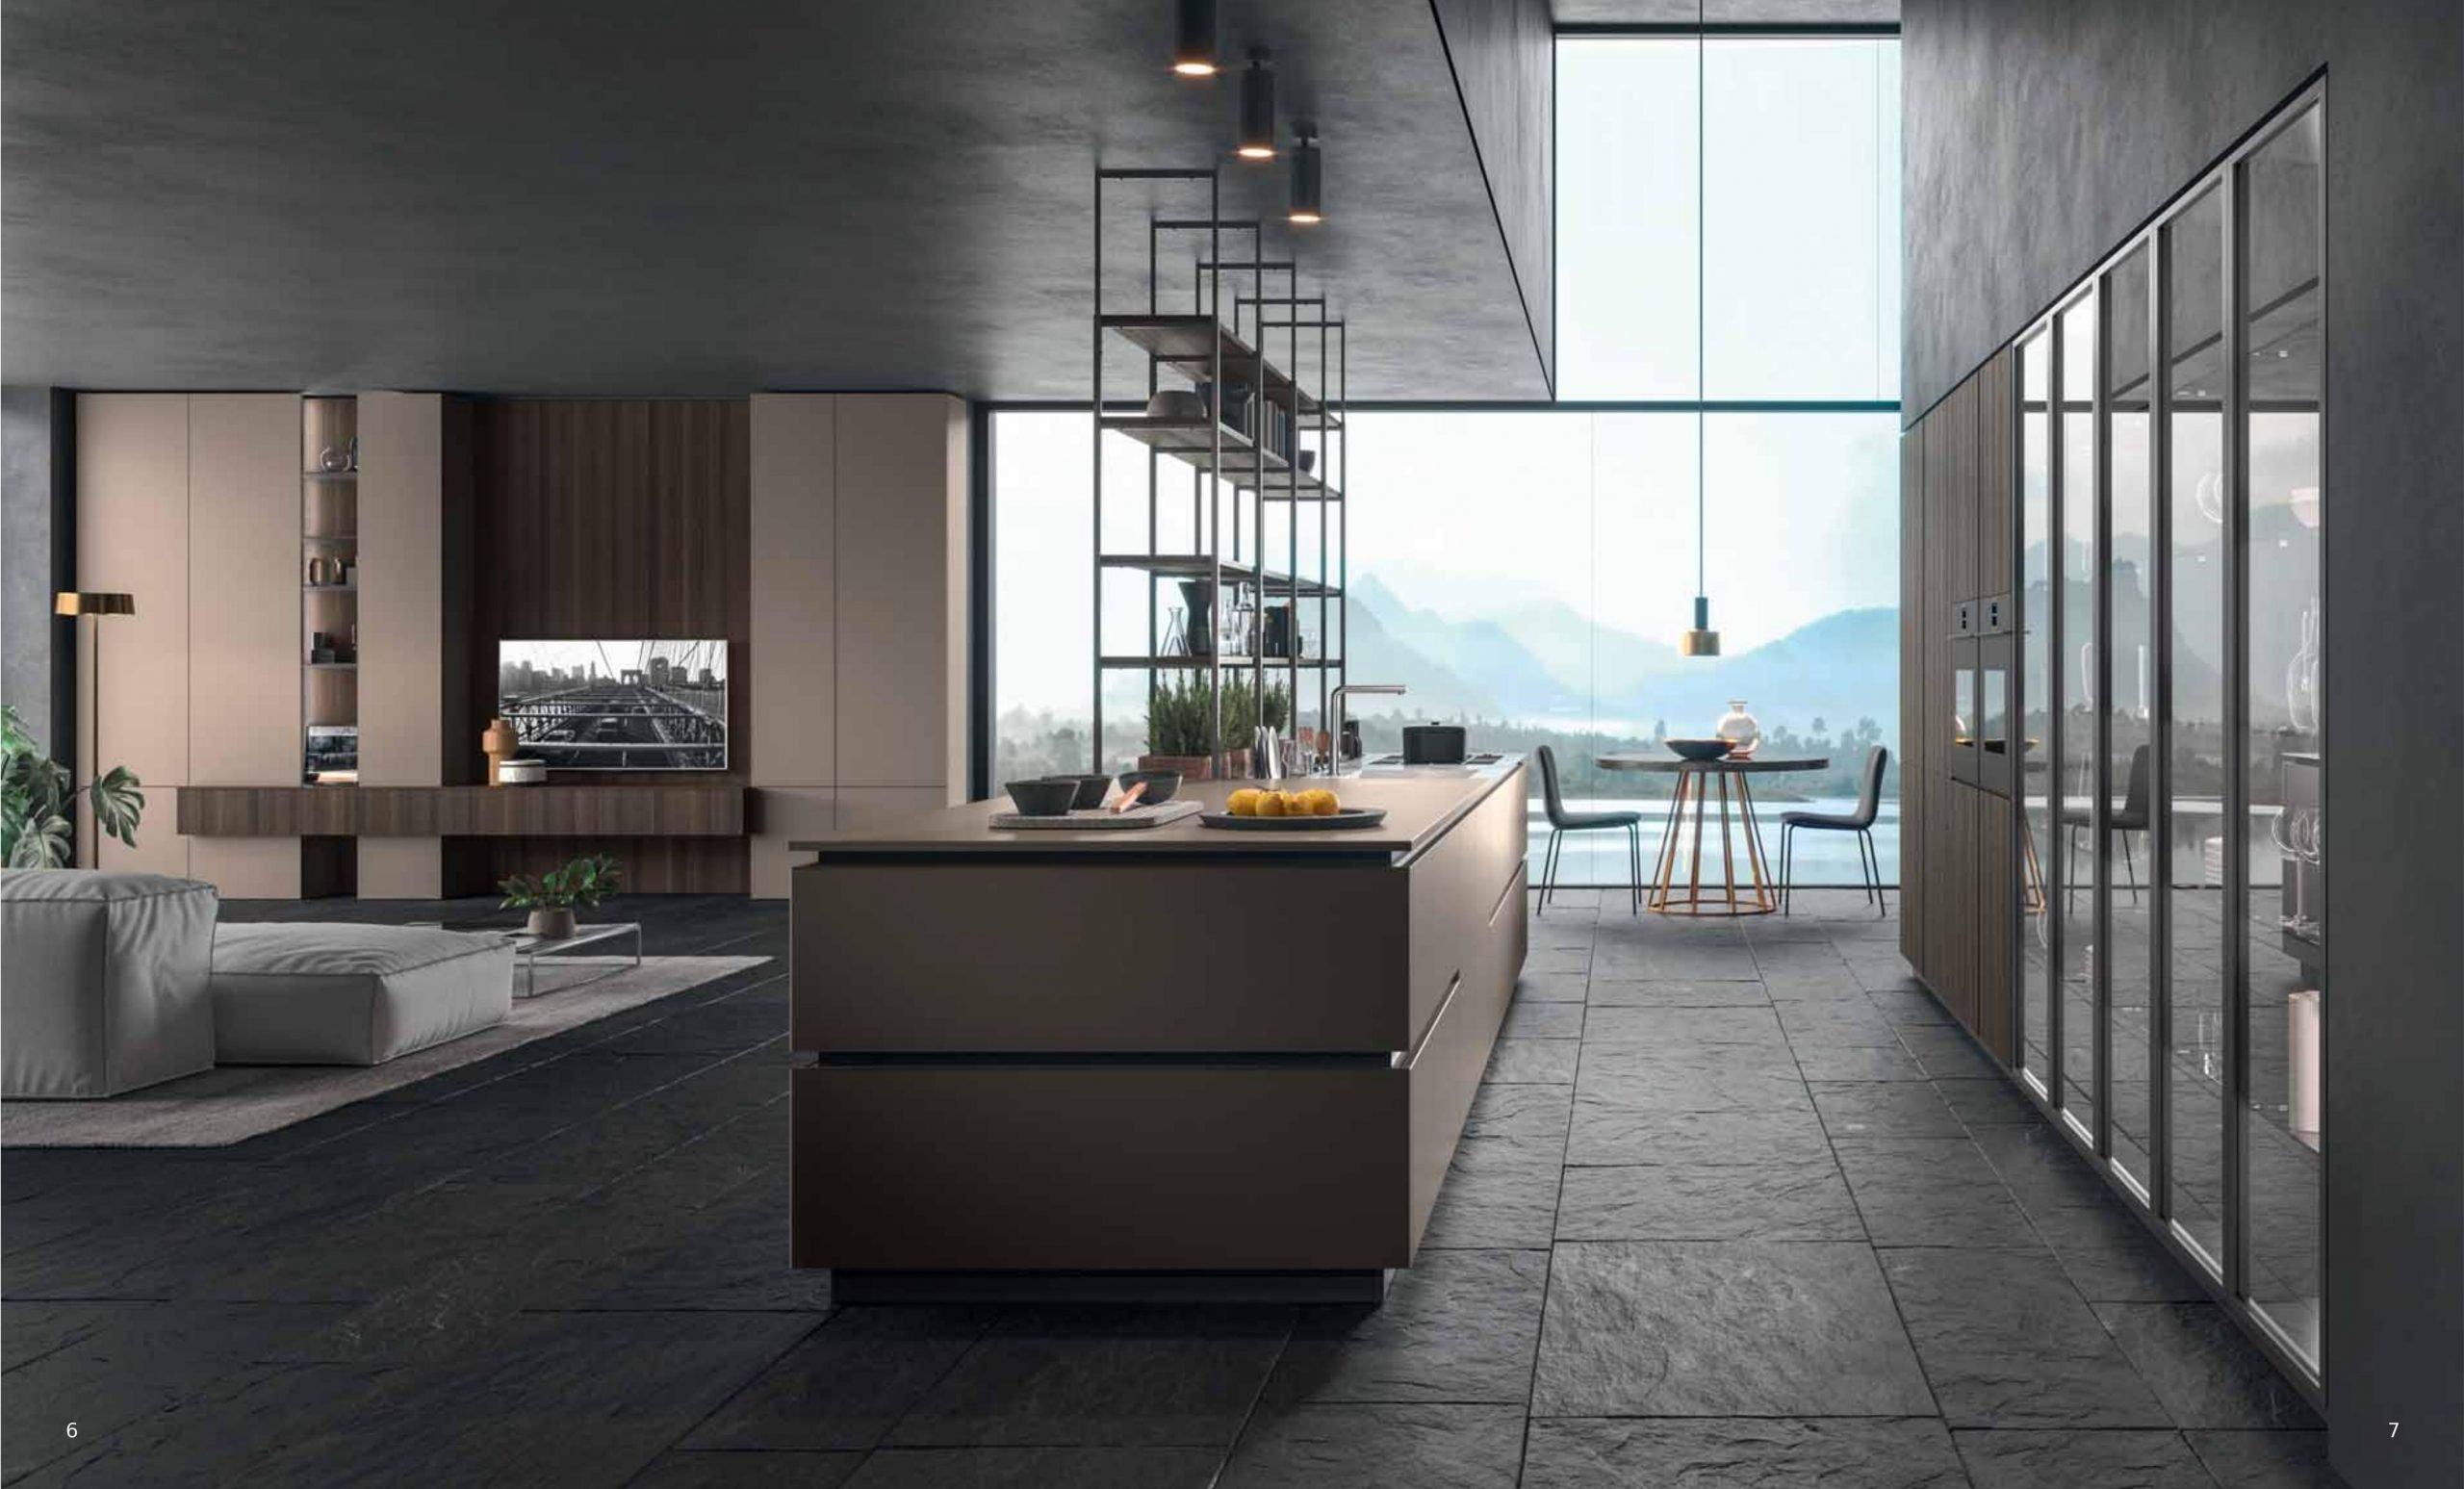 Ambientazione moderna comprendente area soggiorno e cucina della linea cucine XXL